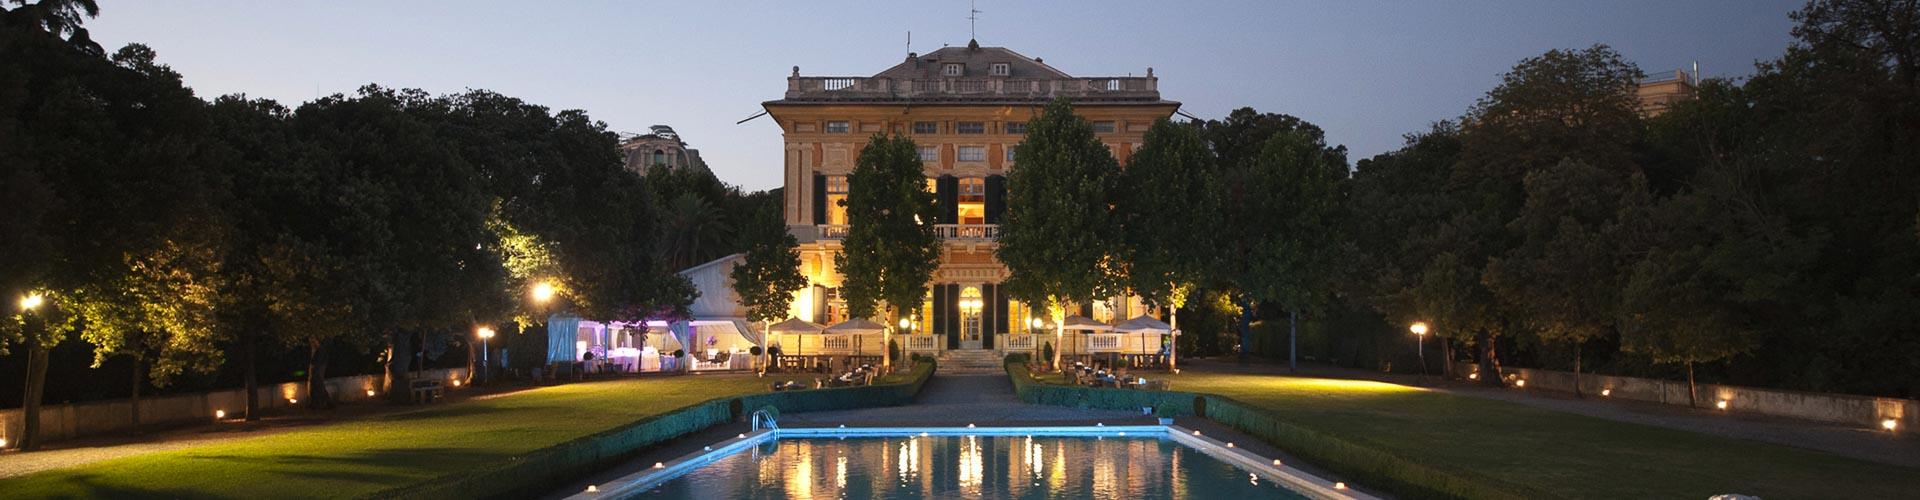 Villa Lo Zerbino vista notturna del giardino allestito con ombrelloni bianchi e tavoli e facciata della villa illuminata